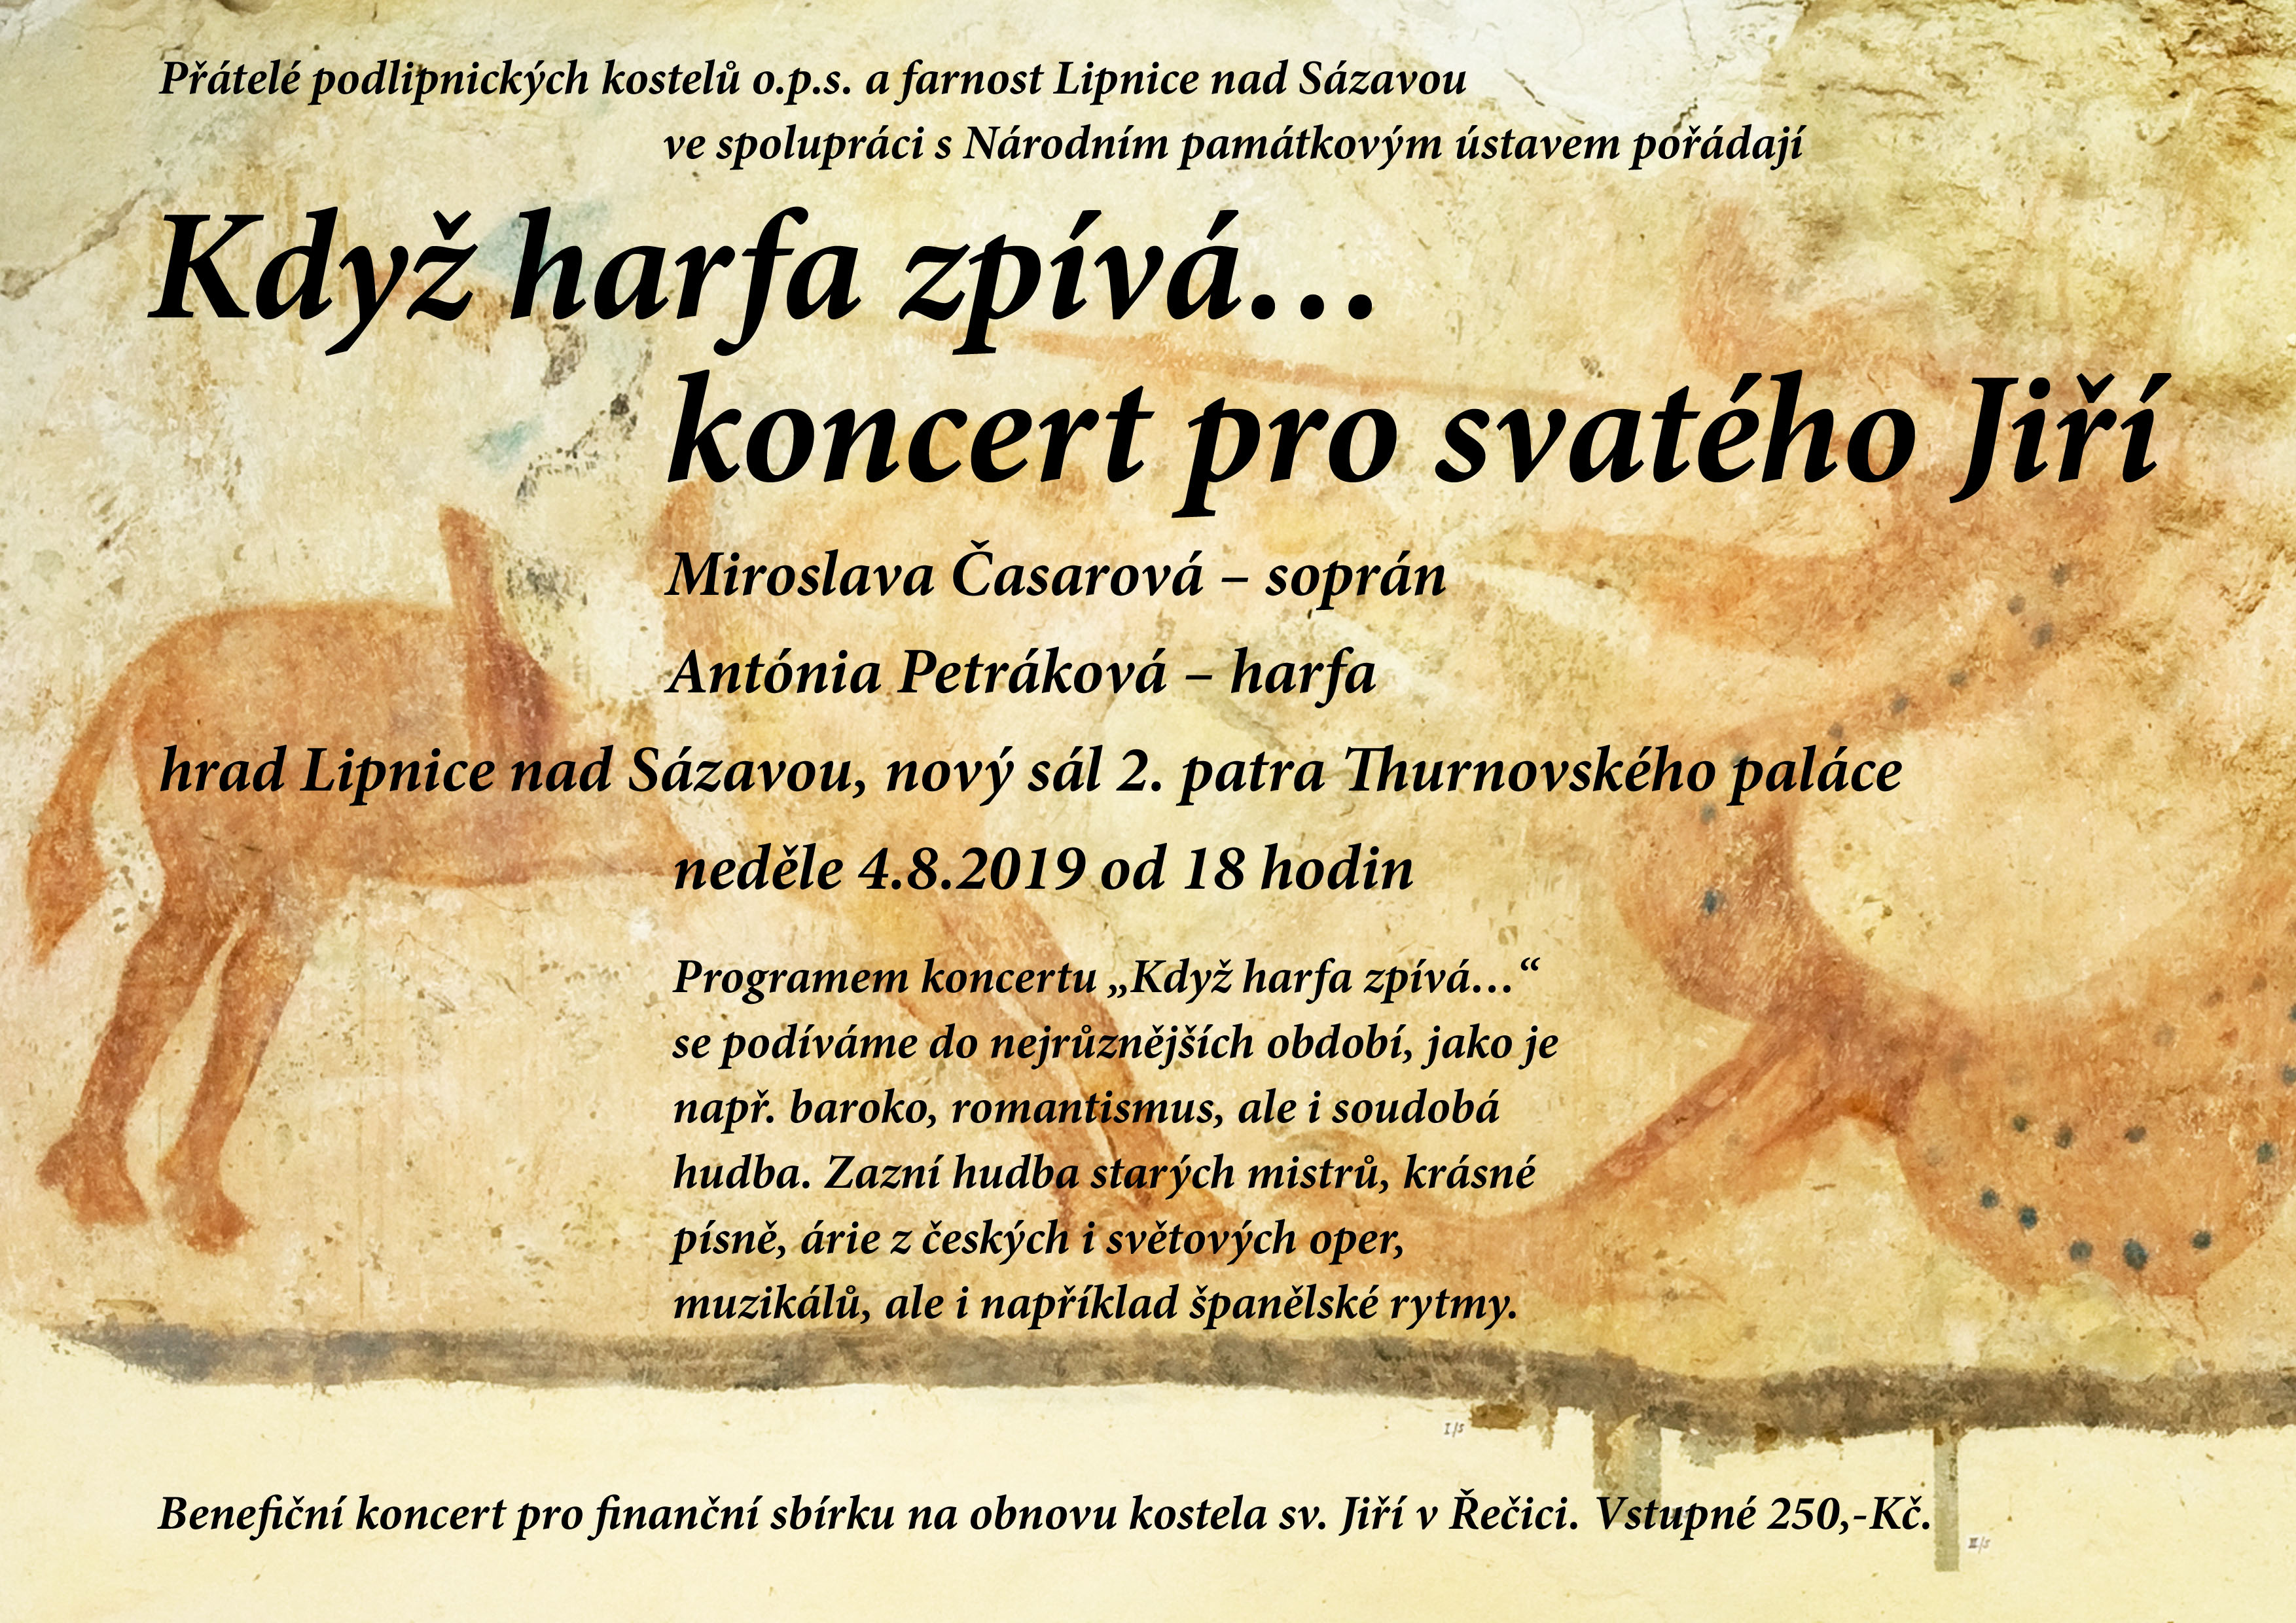 Když harfa zpívá ... koncert pro svatého Jiří